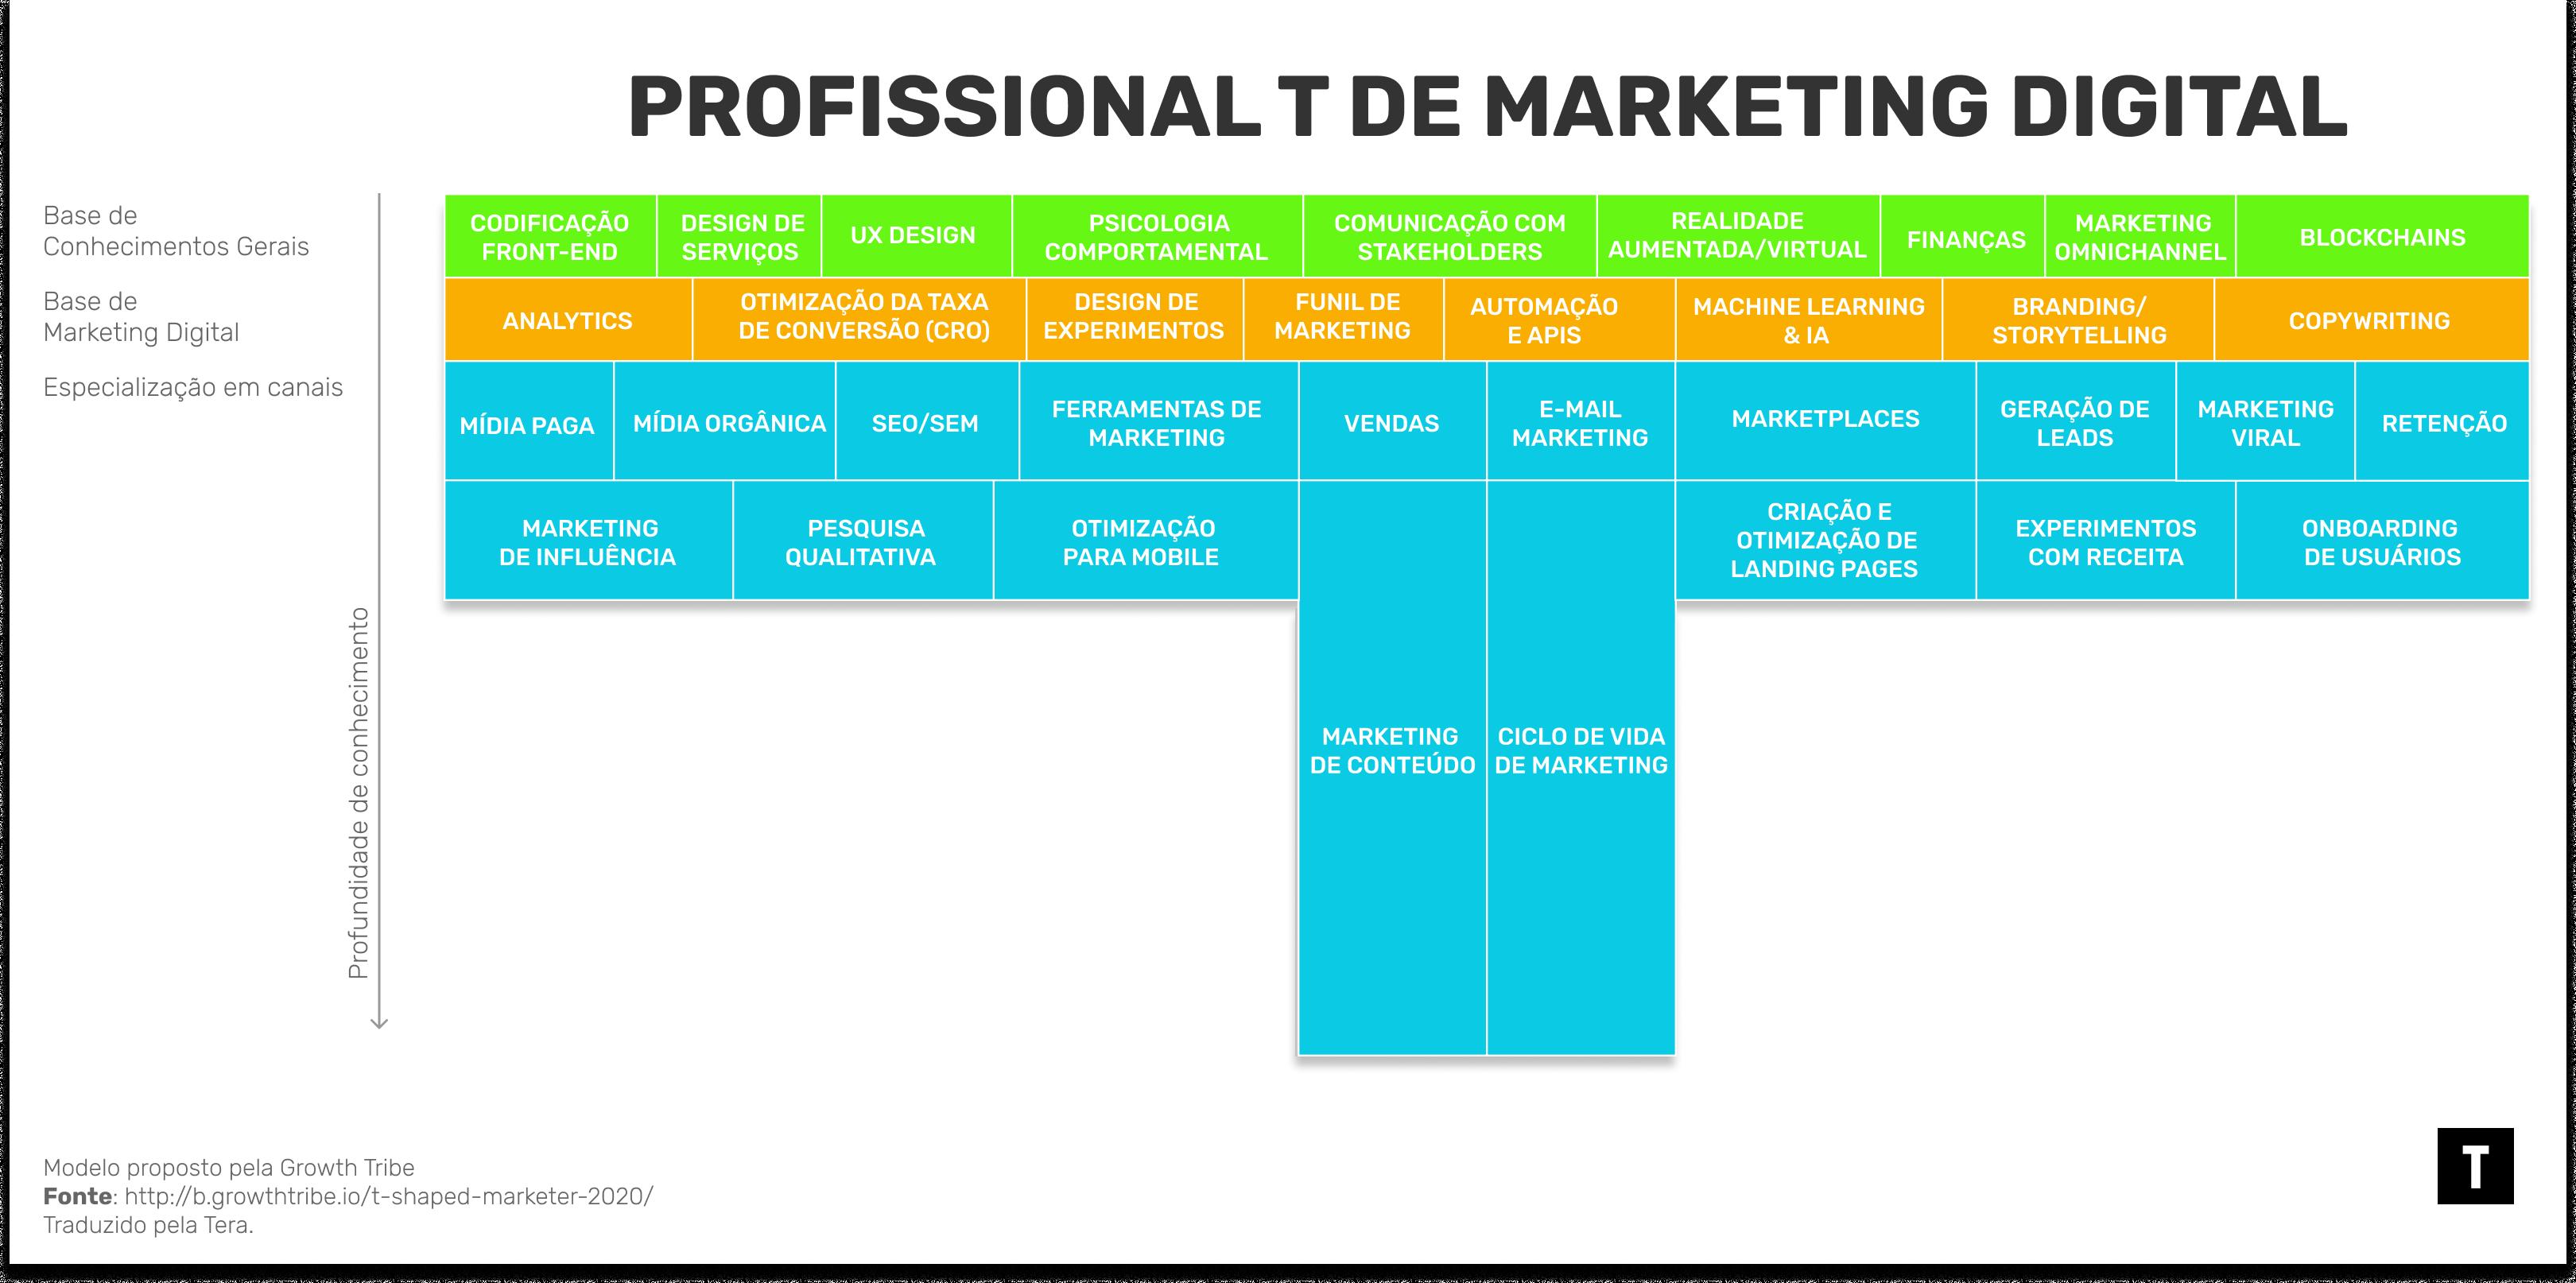 ilustração mostrando habilidades necessárias para profissionais T-shaped em Marketing Digital